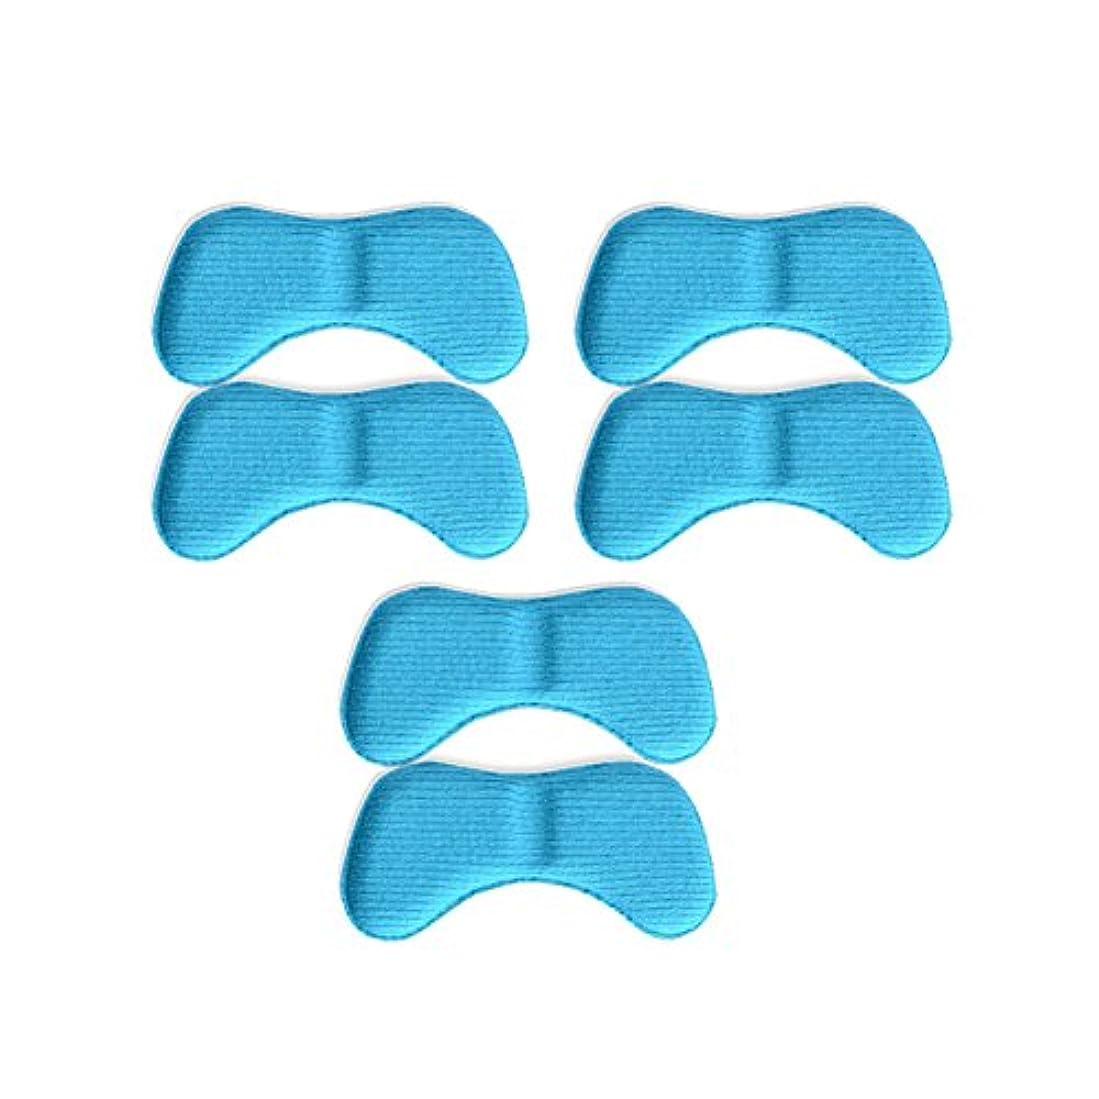 光沢のある浮浪者アナログ3ペア蝶の羽の形4 d低反発靴のクッションパッドハイヒールインソール、キャンディーブルー